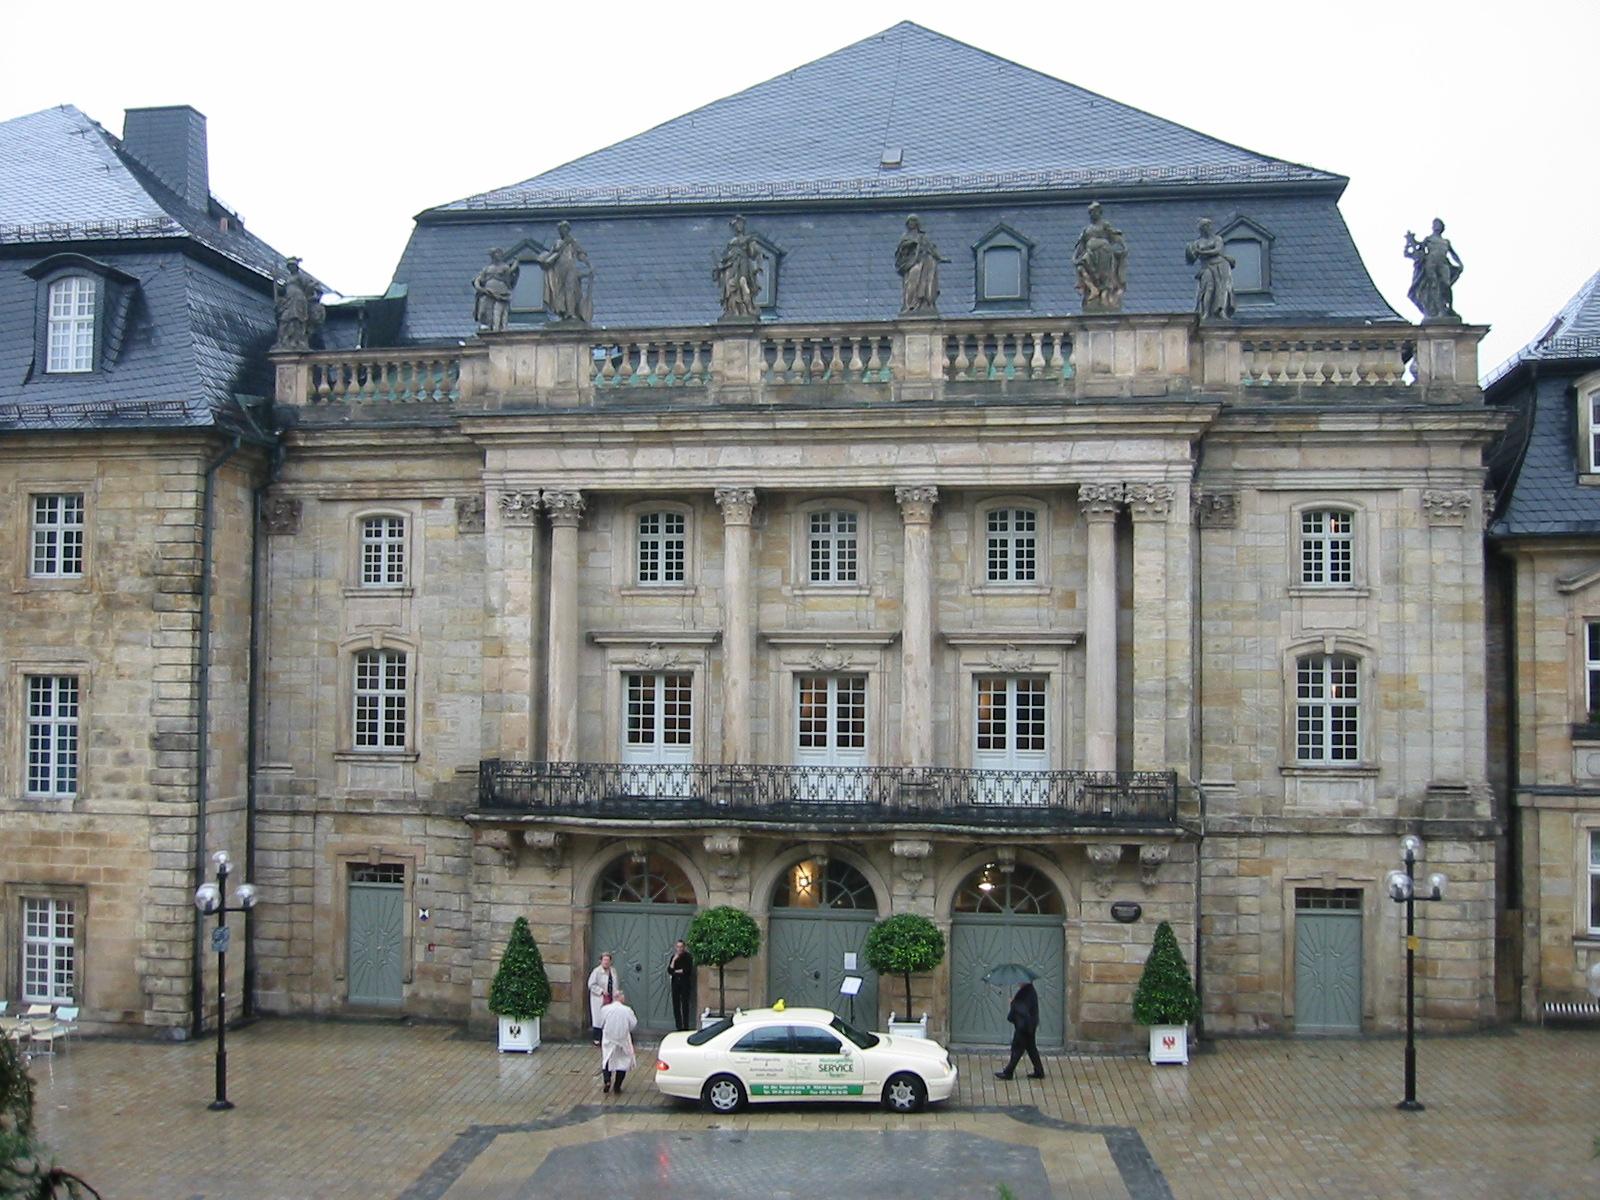 L'Opéra des Margraves de Bayreuth inscrit au patrimoine mondial de l'humanité 1